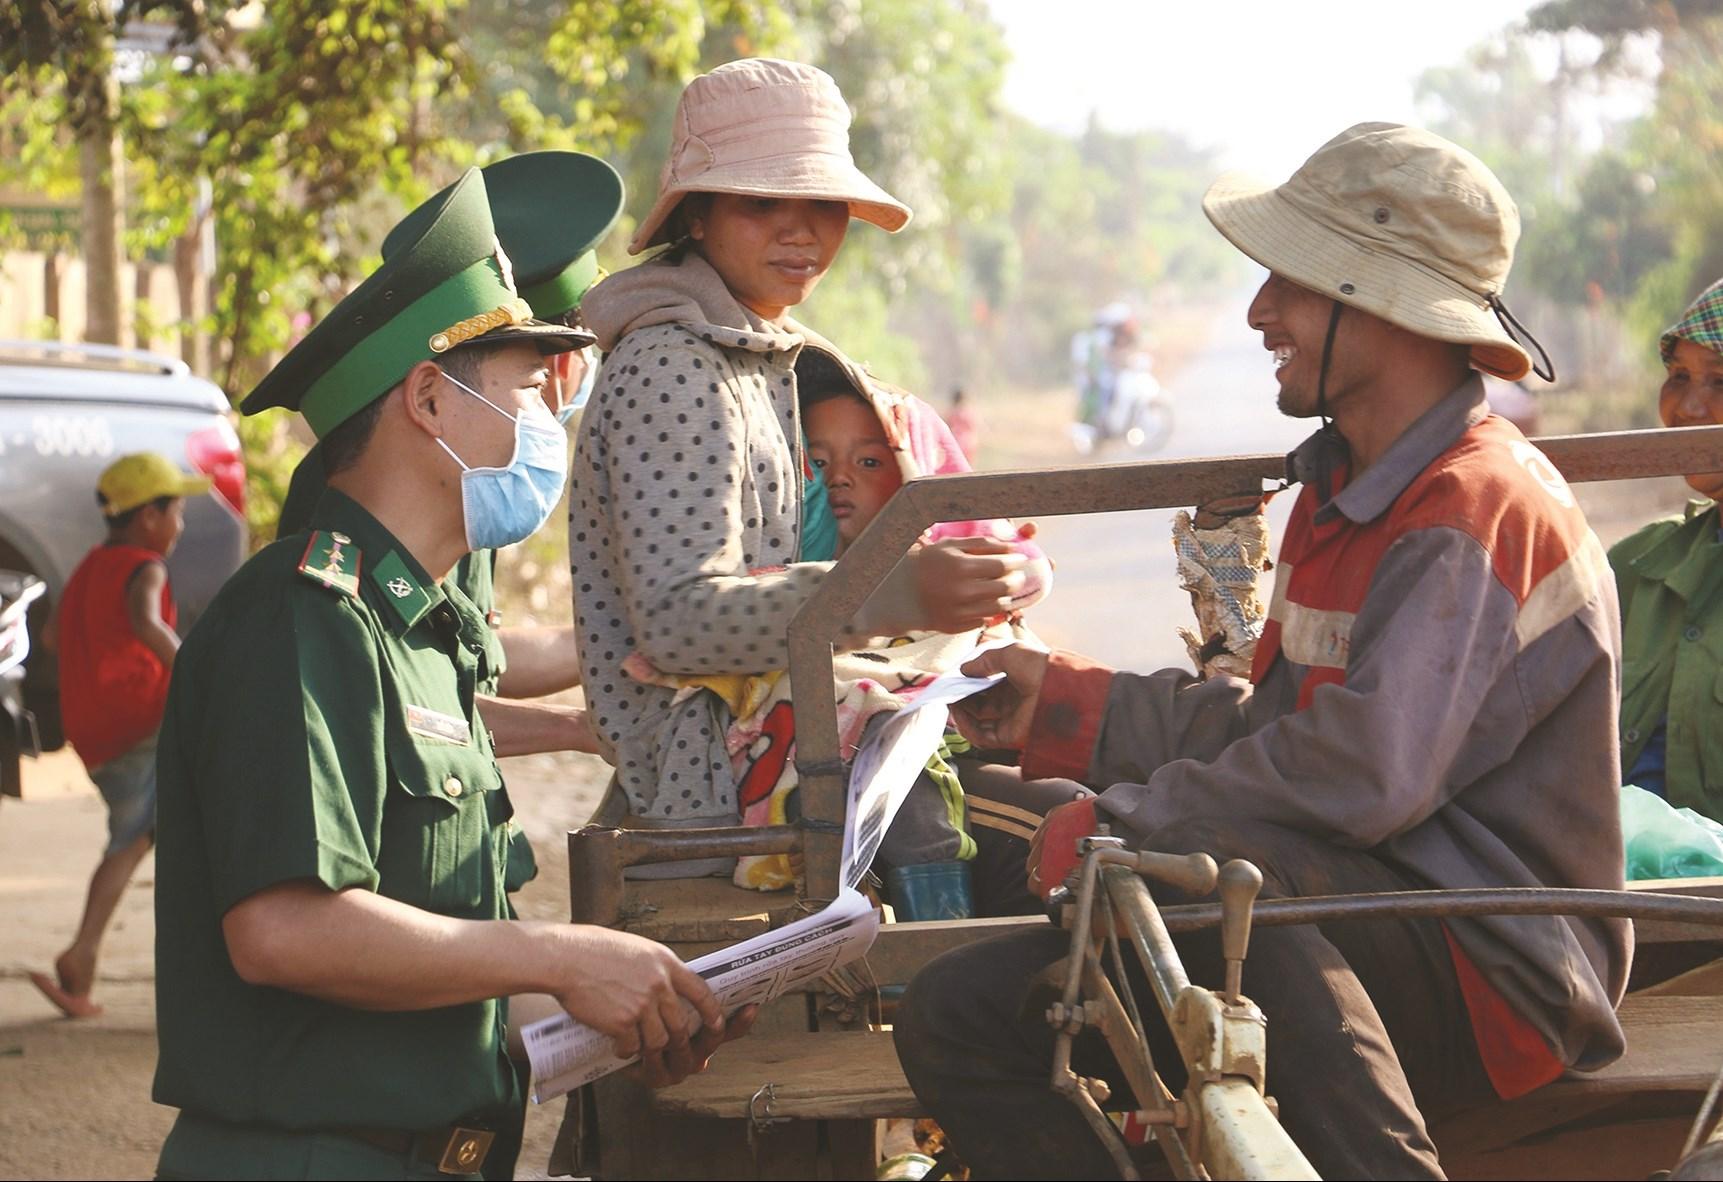 Bộ đội Biên phòng Đồn Biên phòng cửa khẩu Thuận An phát tờ rơi song ngữ tiếng phổ thông và M'nông cho đồng bào biên giới